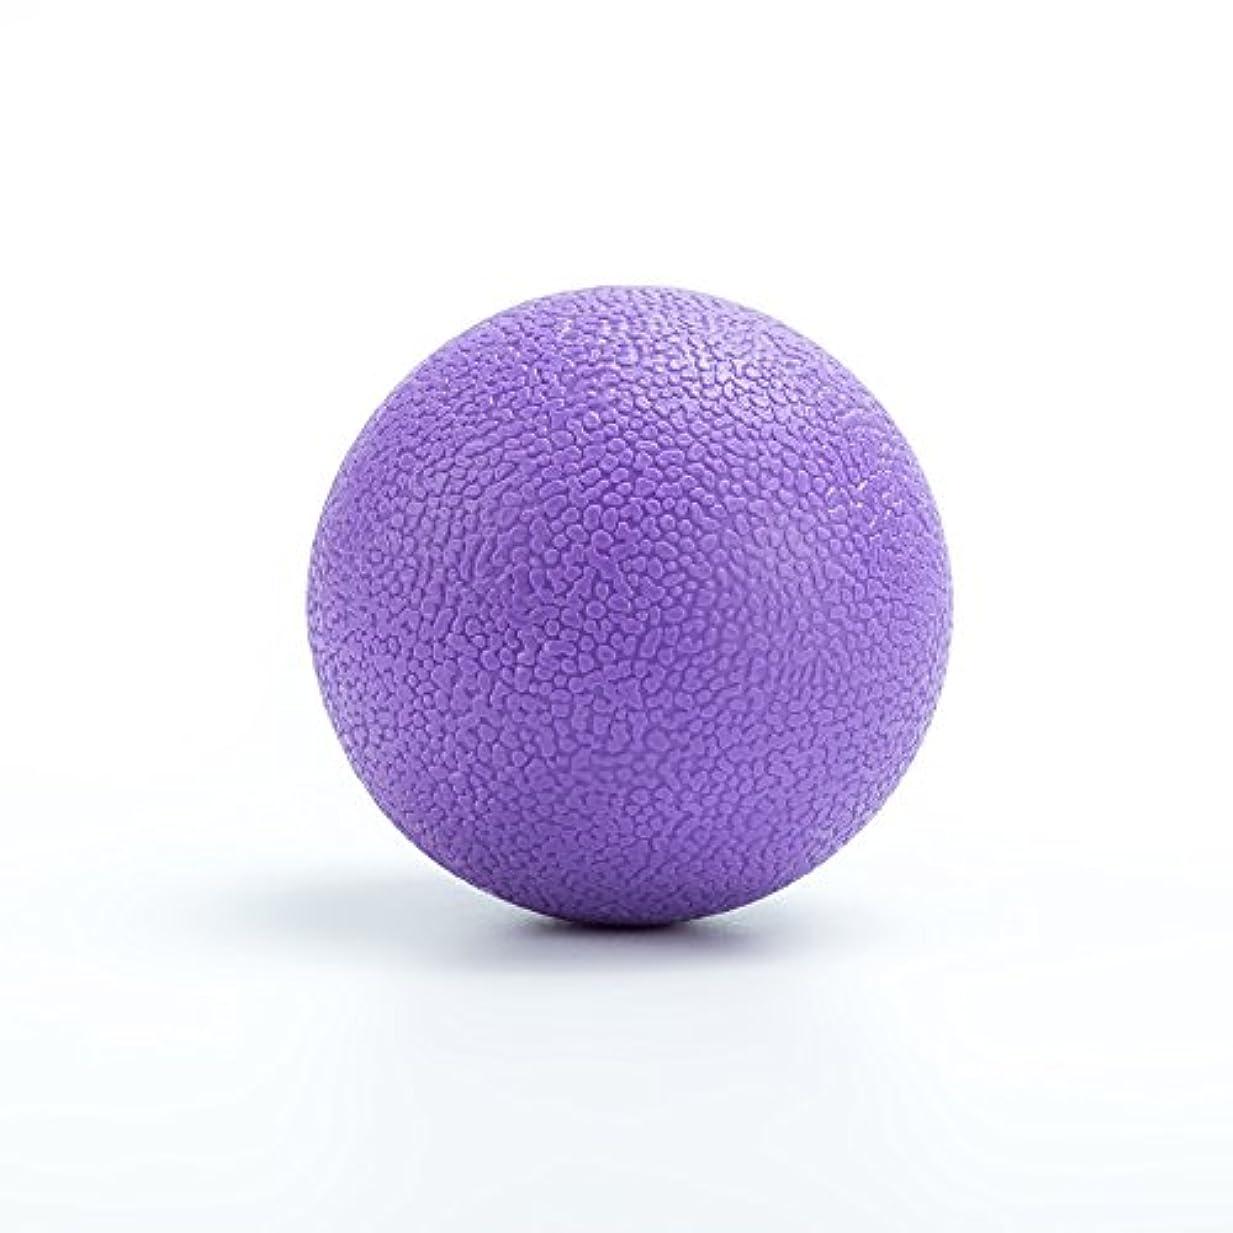 脳超えて不幸Massage Ball マッサージボール 筋膜リリース Yoga Lacrosse Ball 背中 肩こり 腰 ふくらはぎ 足裏 ツボ押しグッズ